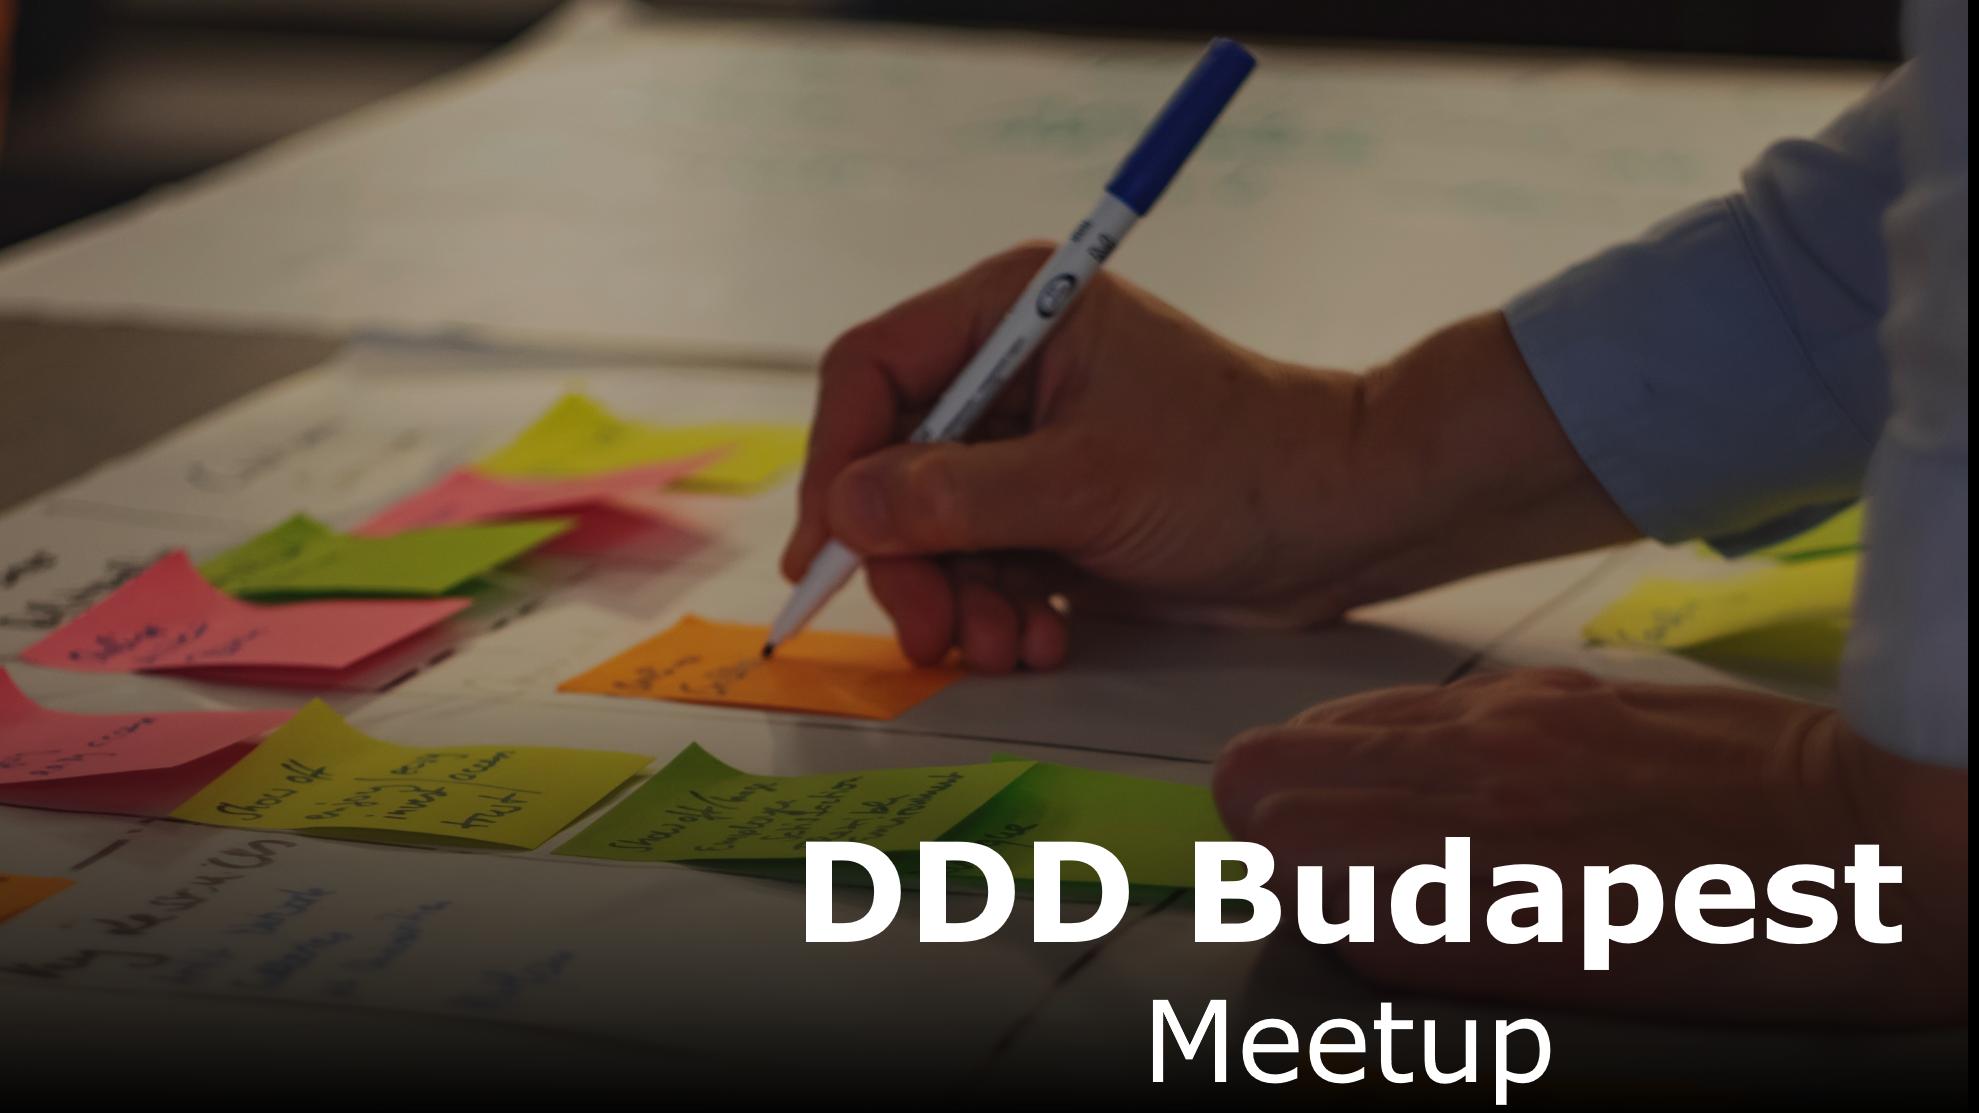 DDD Budapest